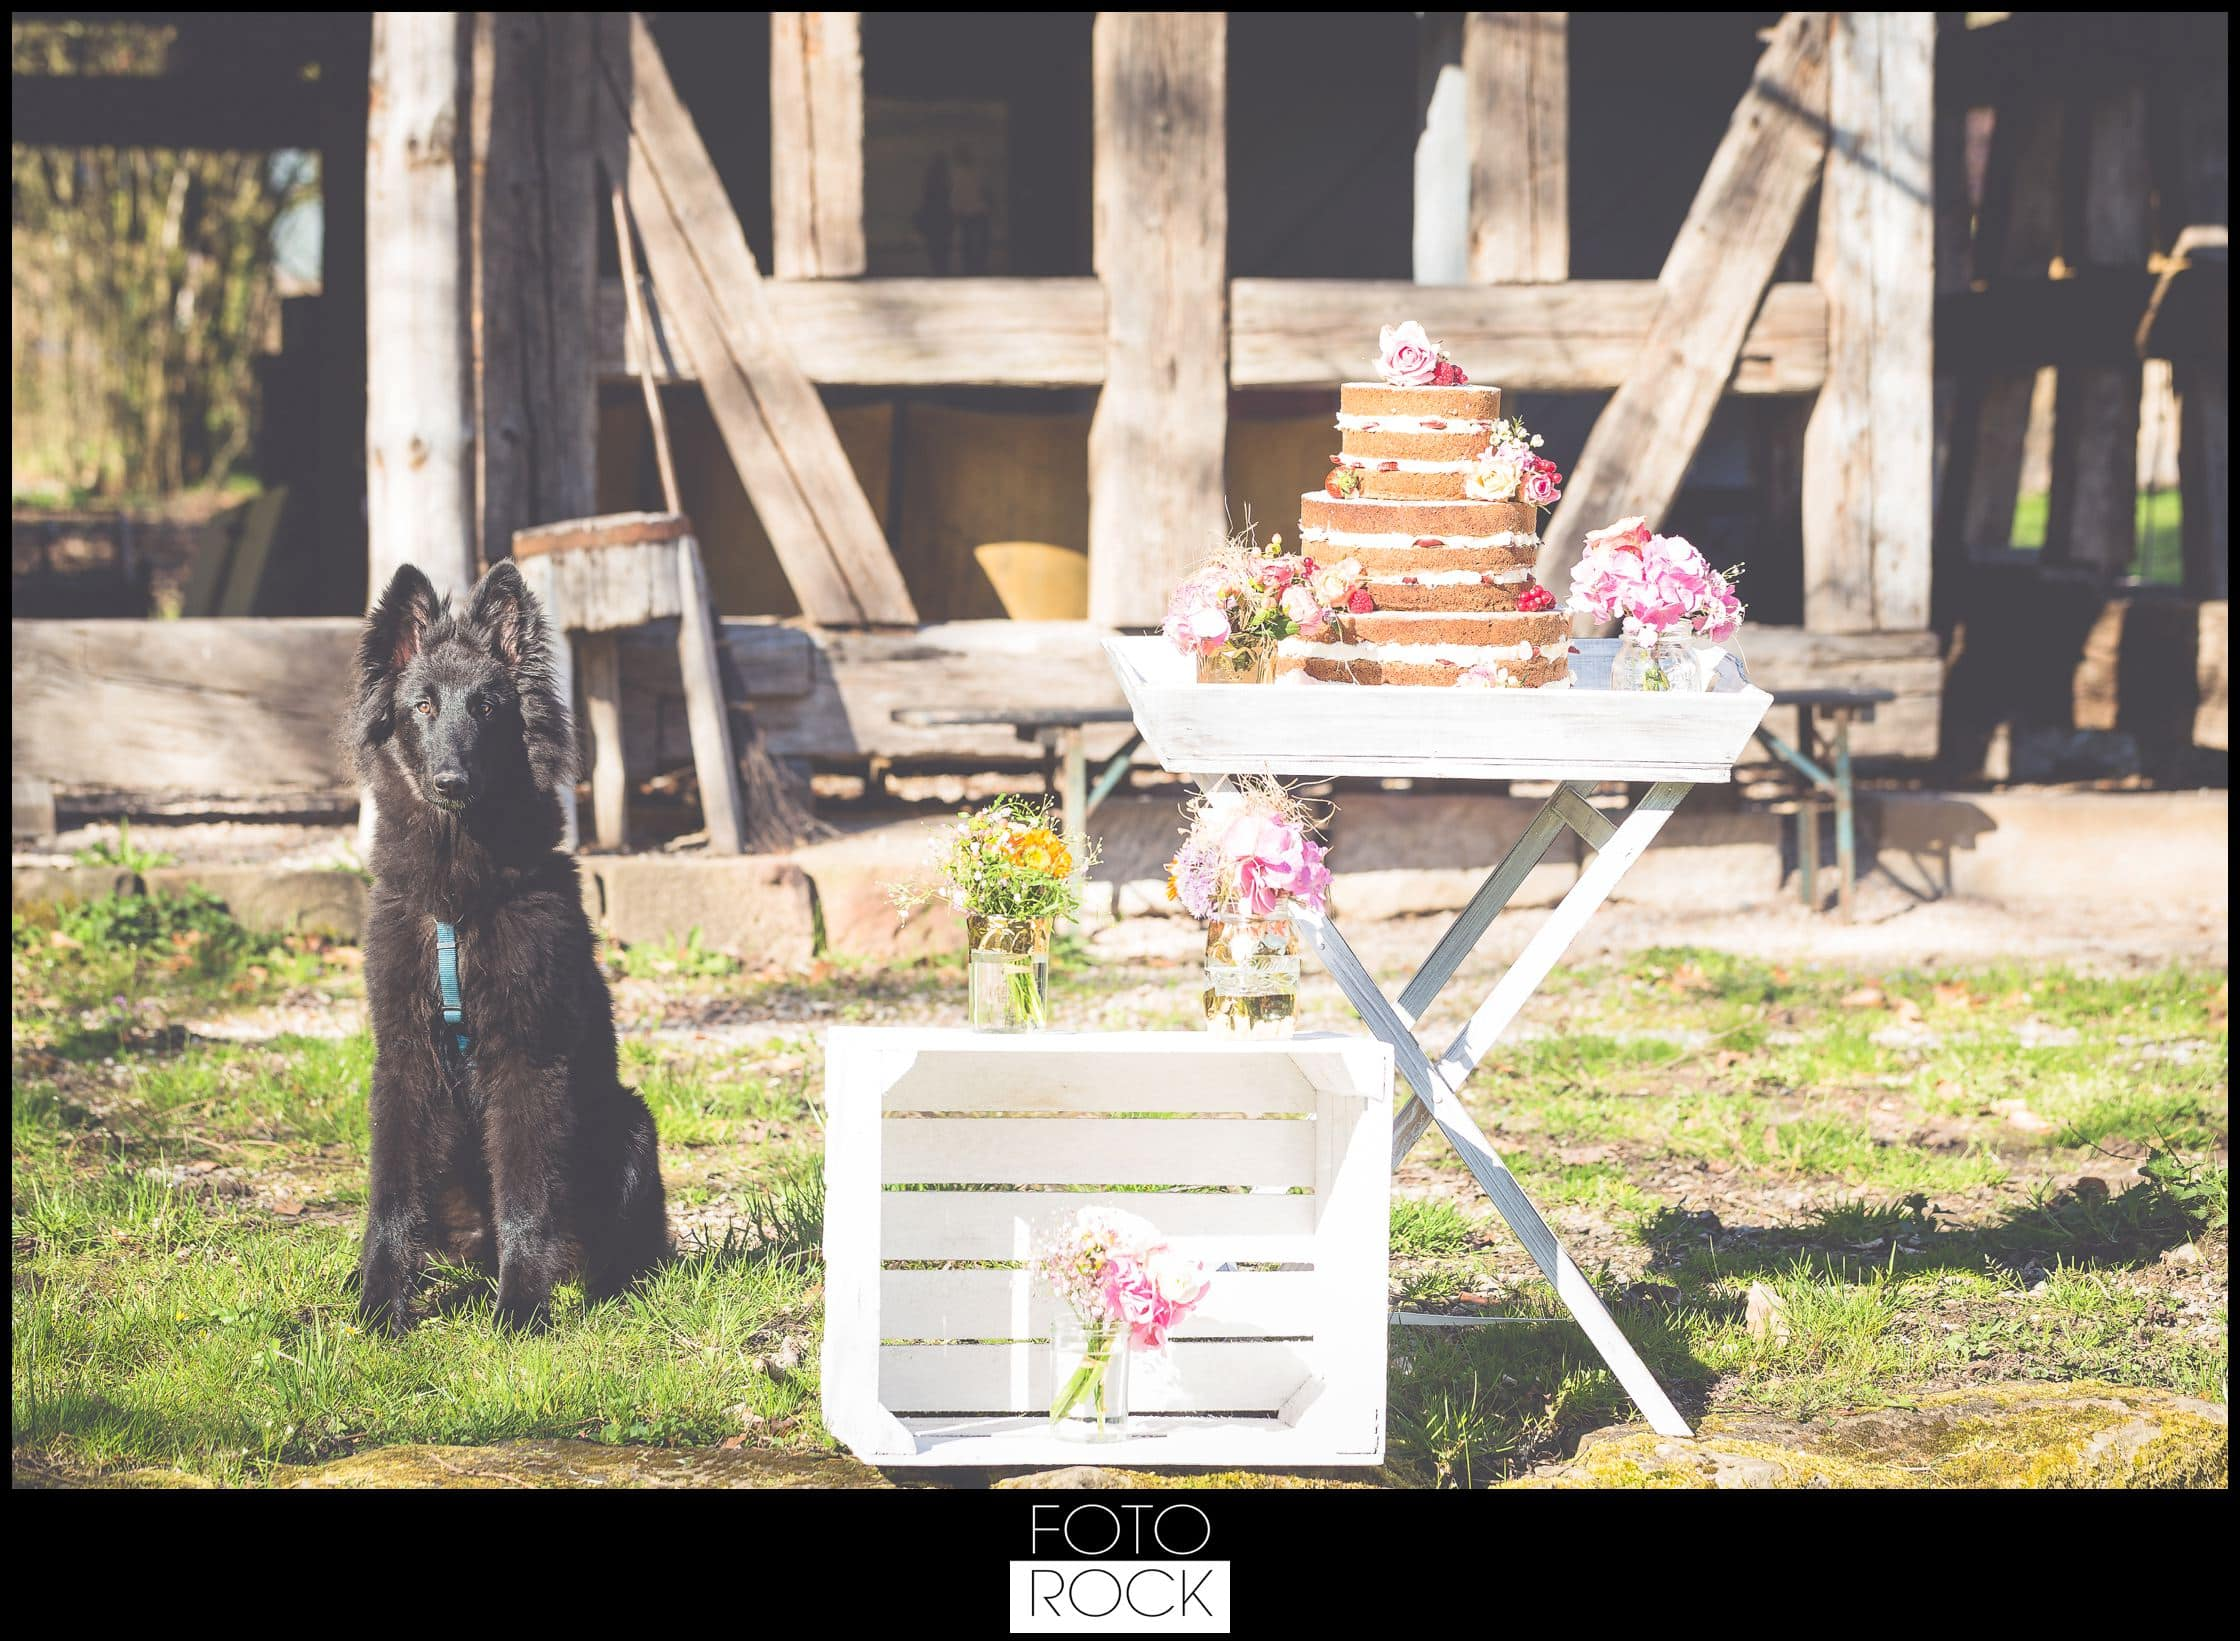 Bohemian Syled Shoot Hochzeit Klausenbauernhof Wolfach Blumen Scheune Outdoor Hund Hochzeitstorte